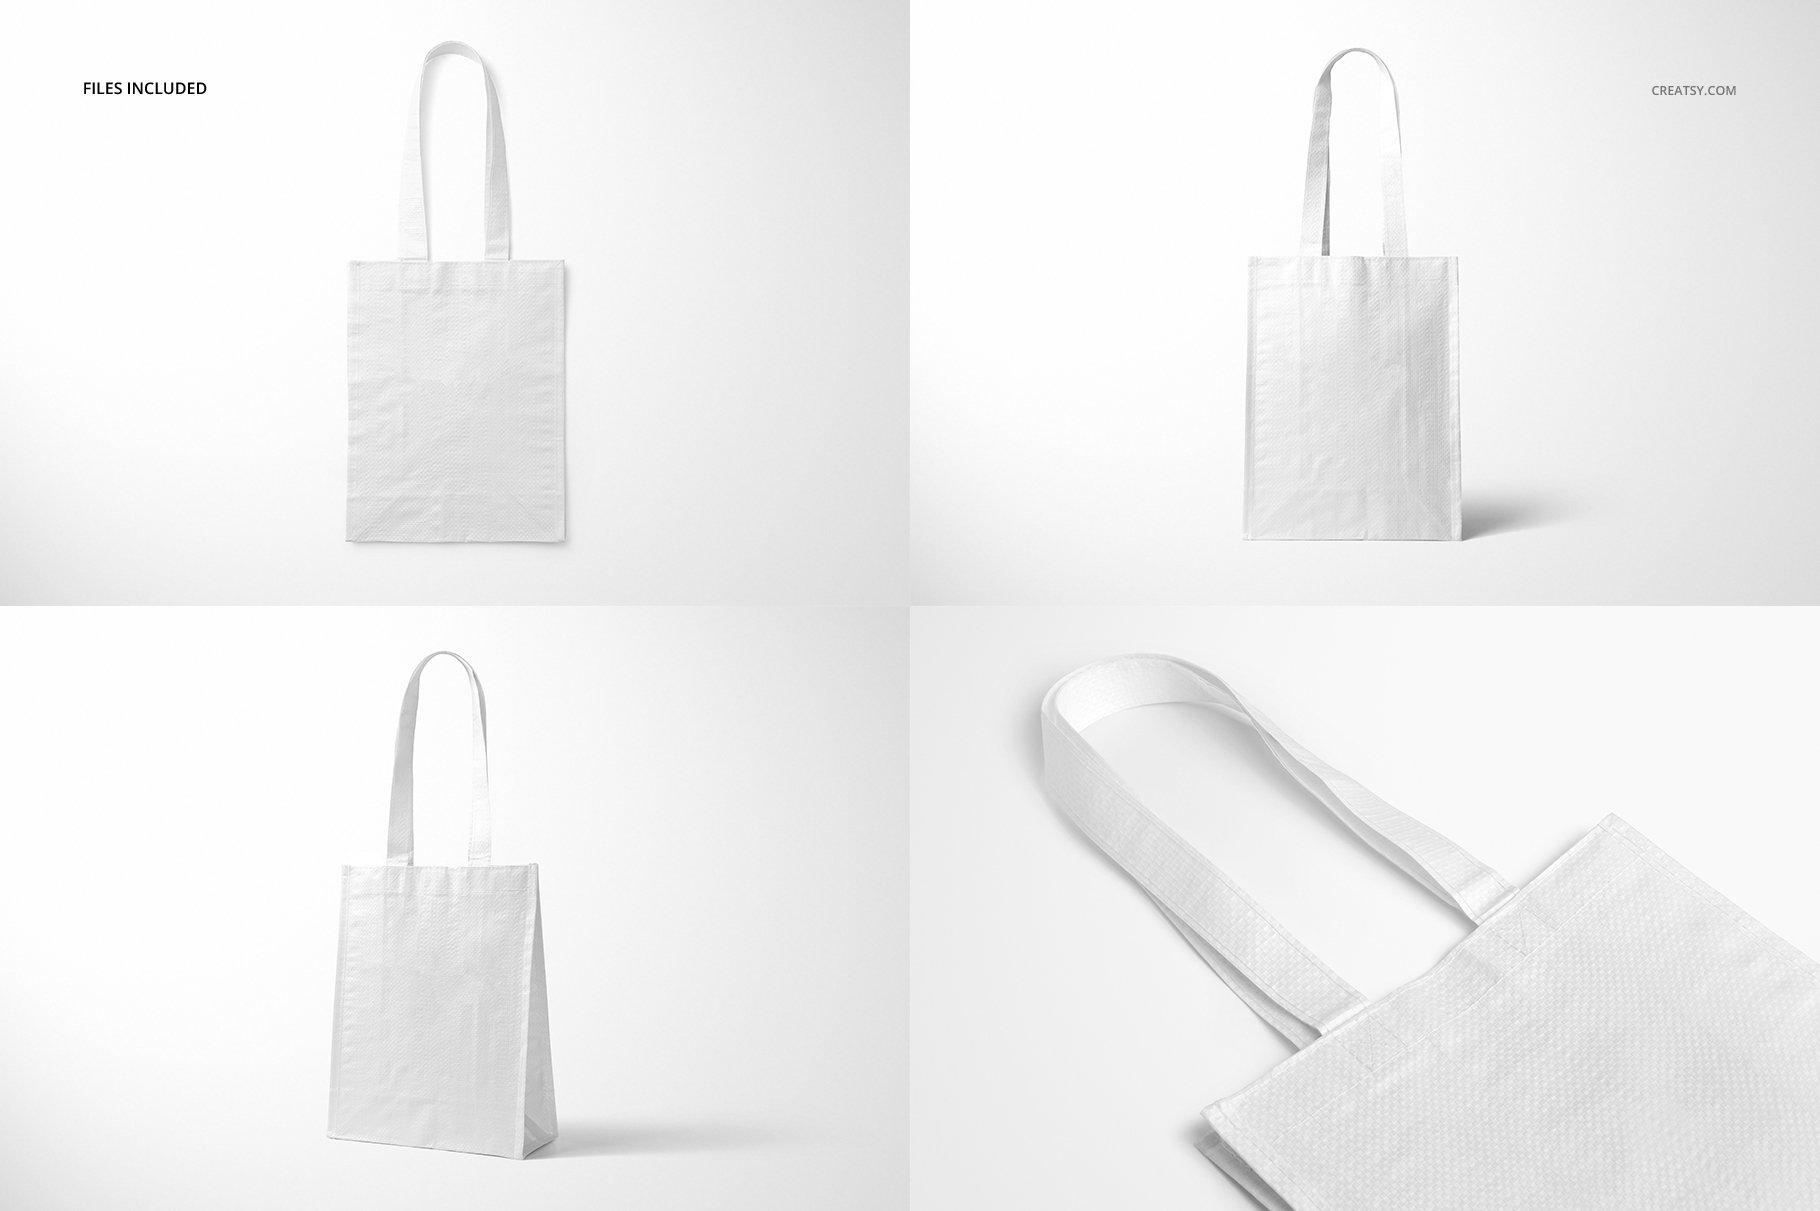 时尚编织手提购物袋设计展示贴图样机模板合集 Woven Tote Bag Mockup Set插图(3)